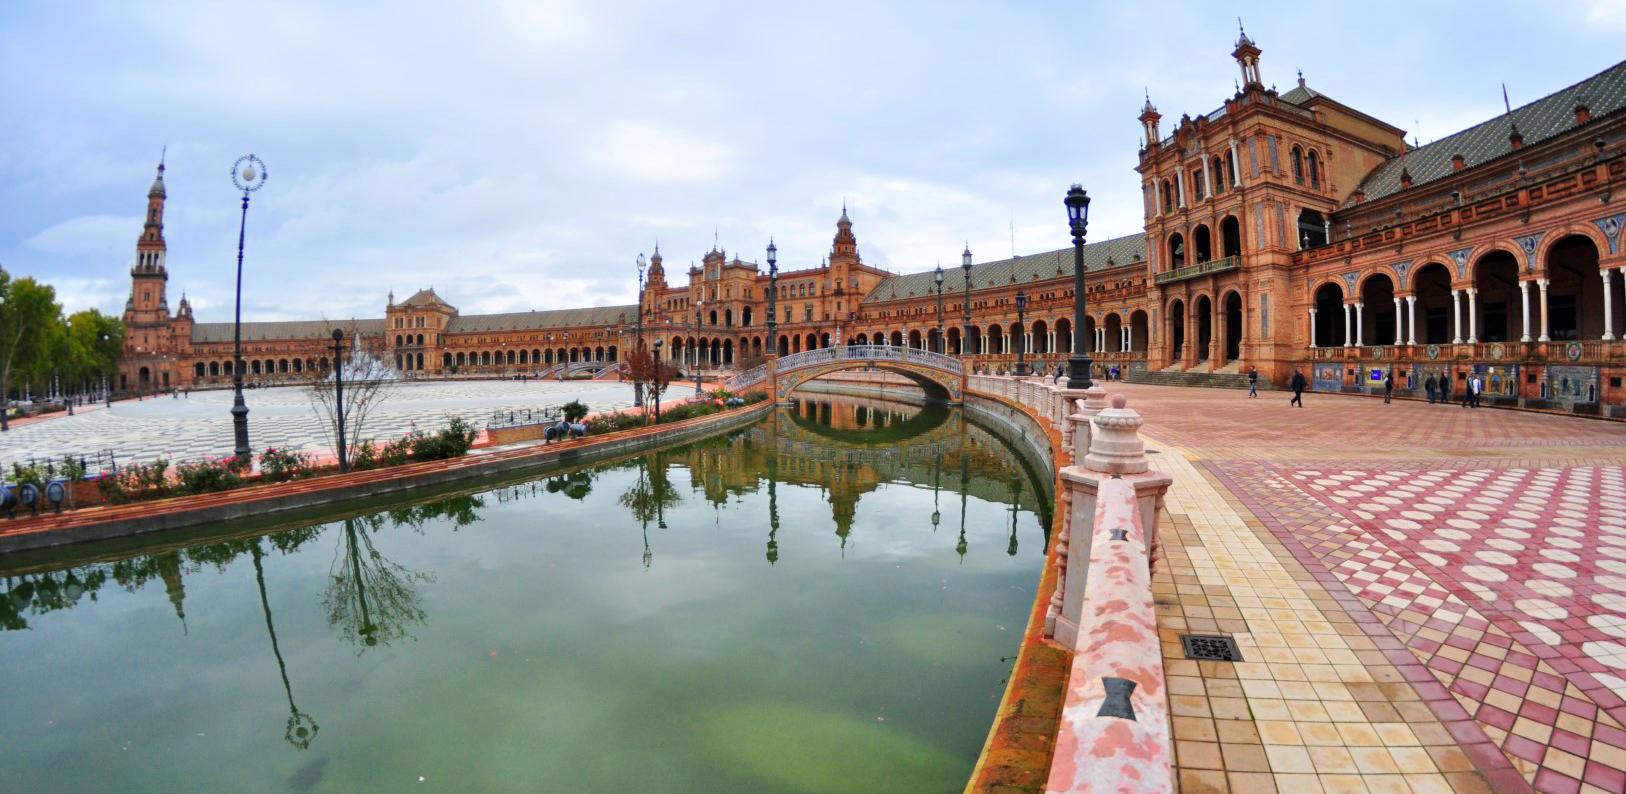 Qué ver en Sevilla, España - What to see in Sevilla, Spain qué ver en sevilla - 30706414473 29f4e46f58 o - Qué ver en Sevilla